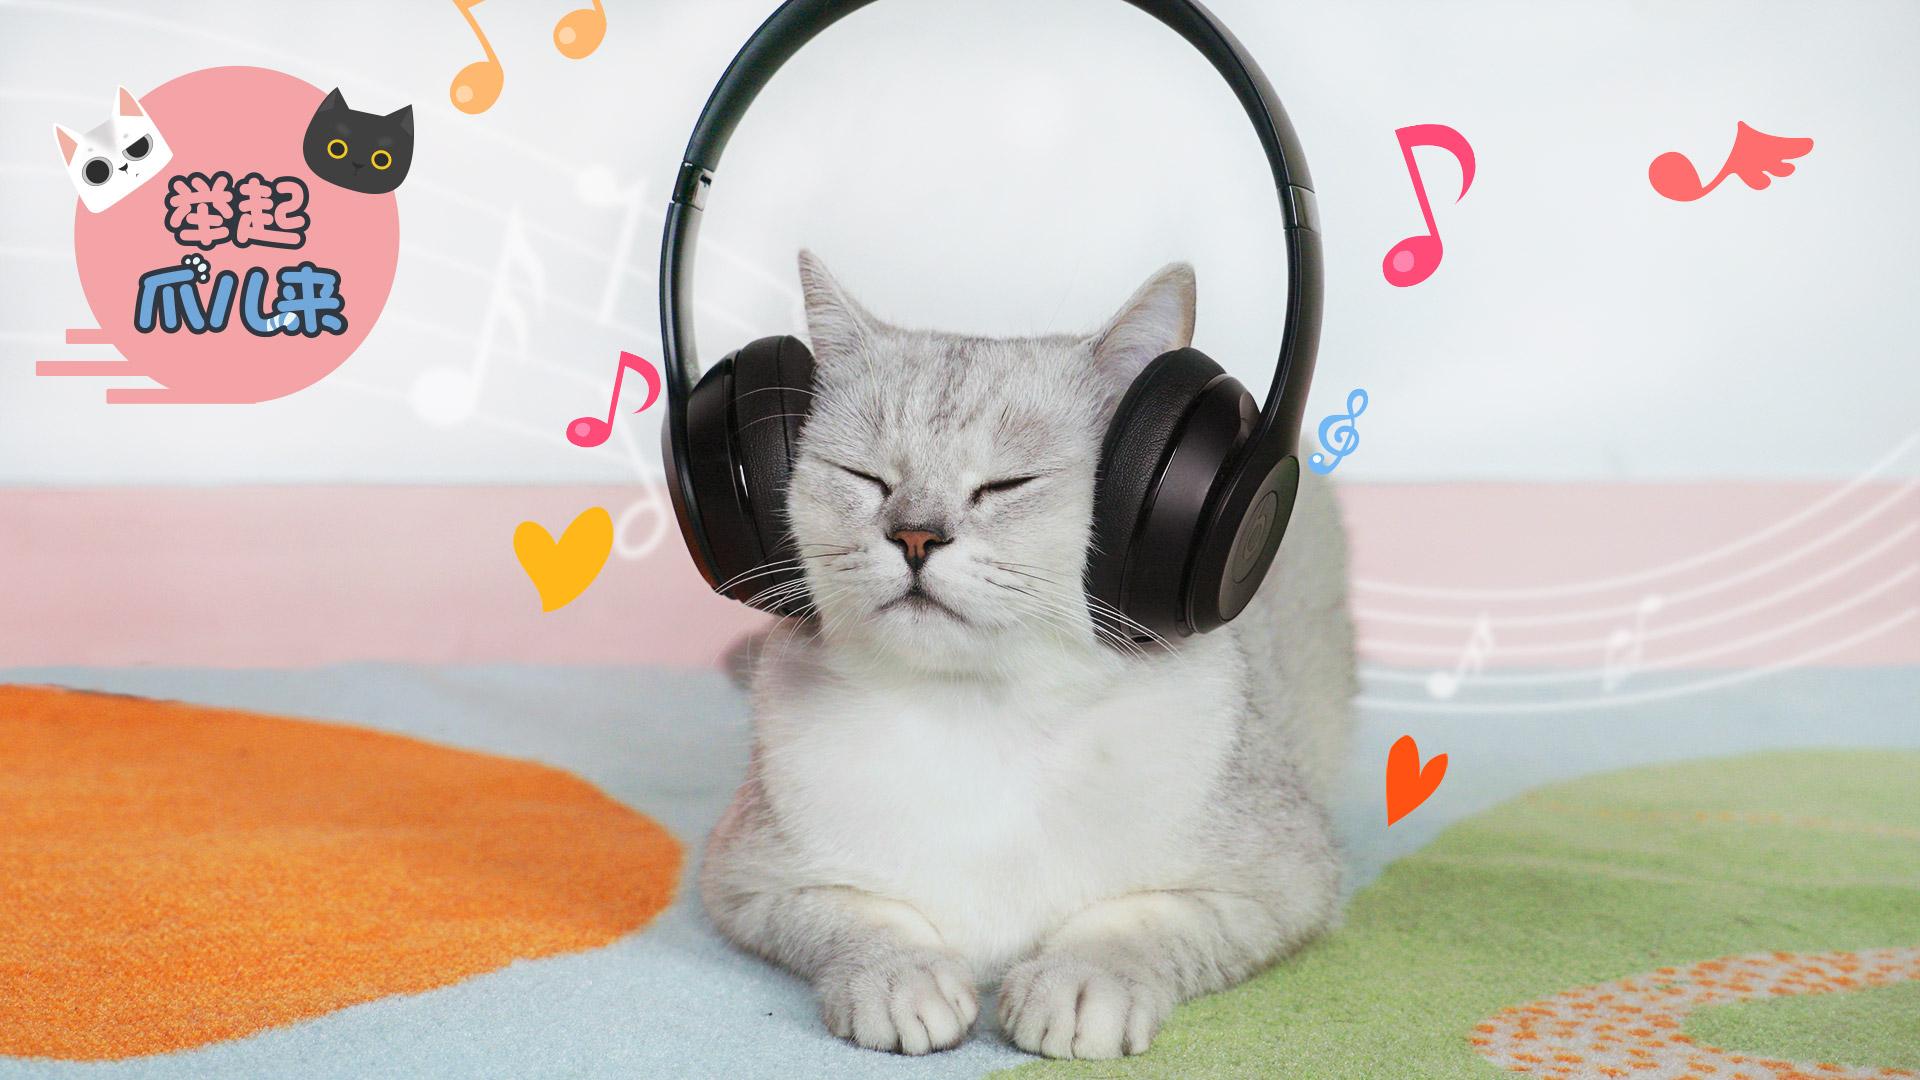 没想到,猫咪也是音乐控!